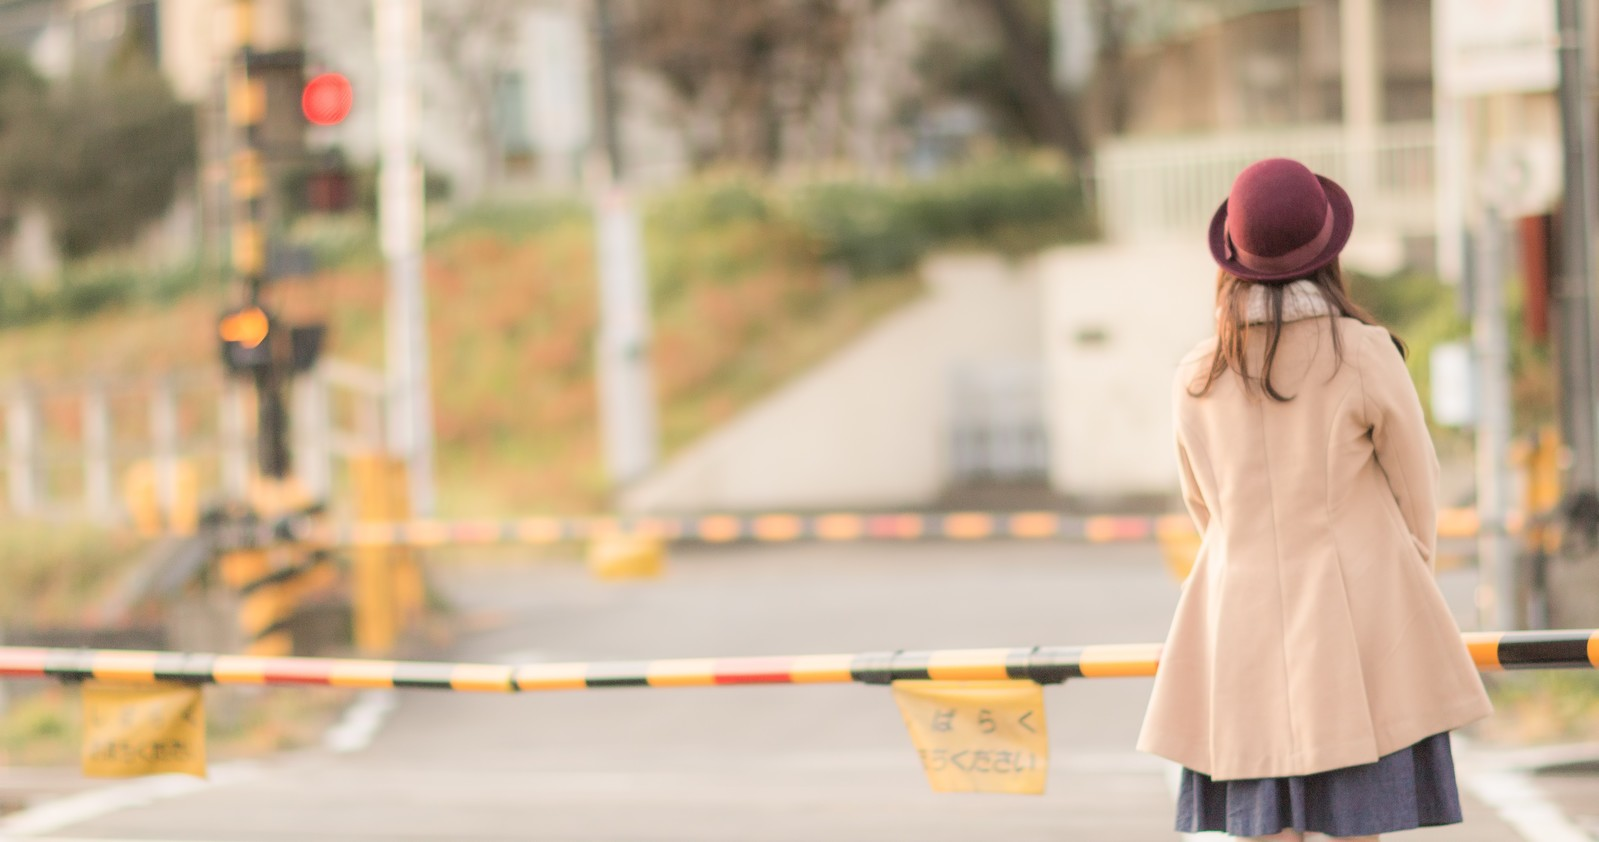 「踏切待ちの女性」の写真[モデル:茜さや]